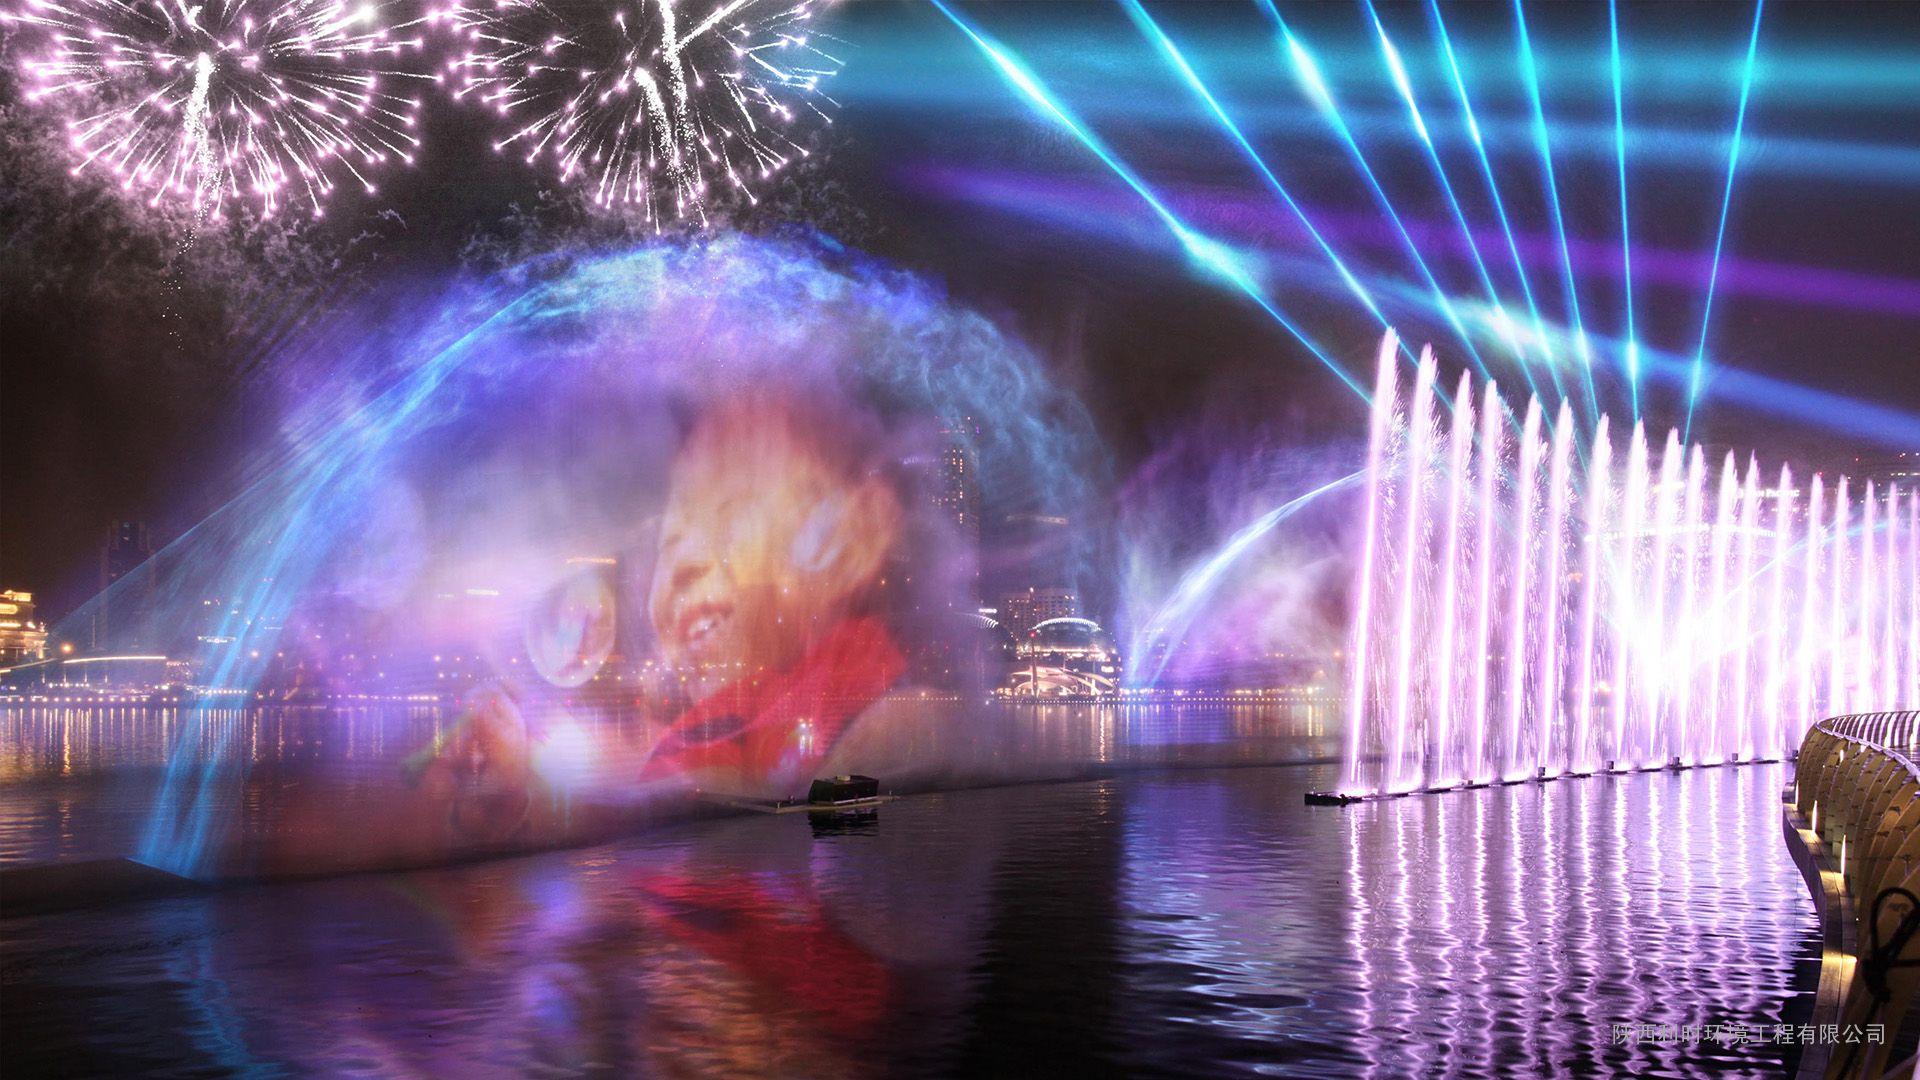 激光水幕 水幕电影 水幕电影设计 水景设计